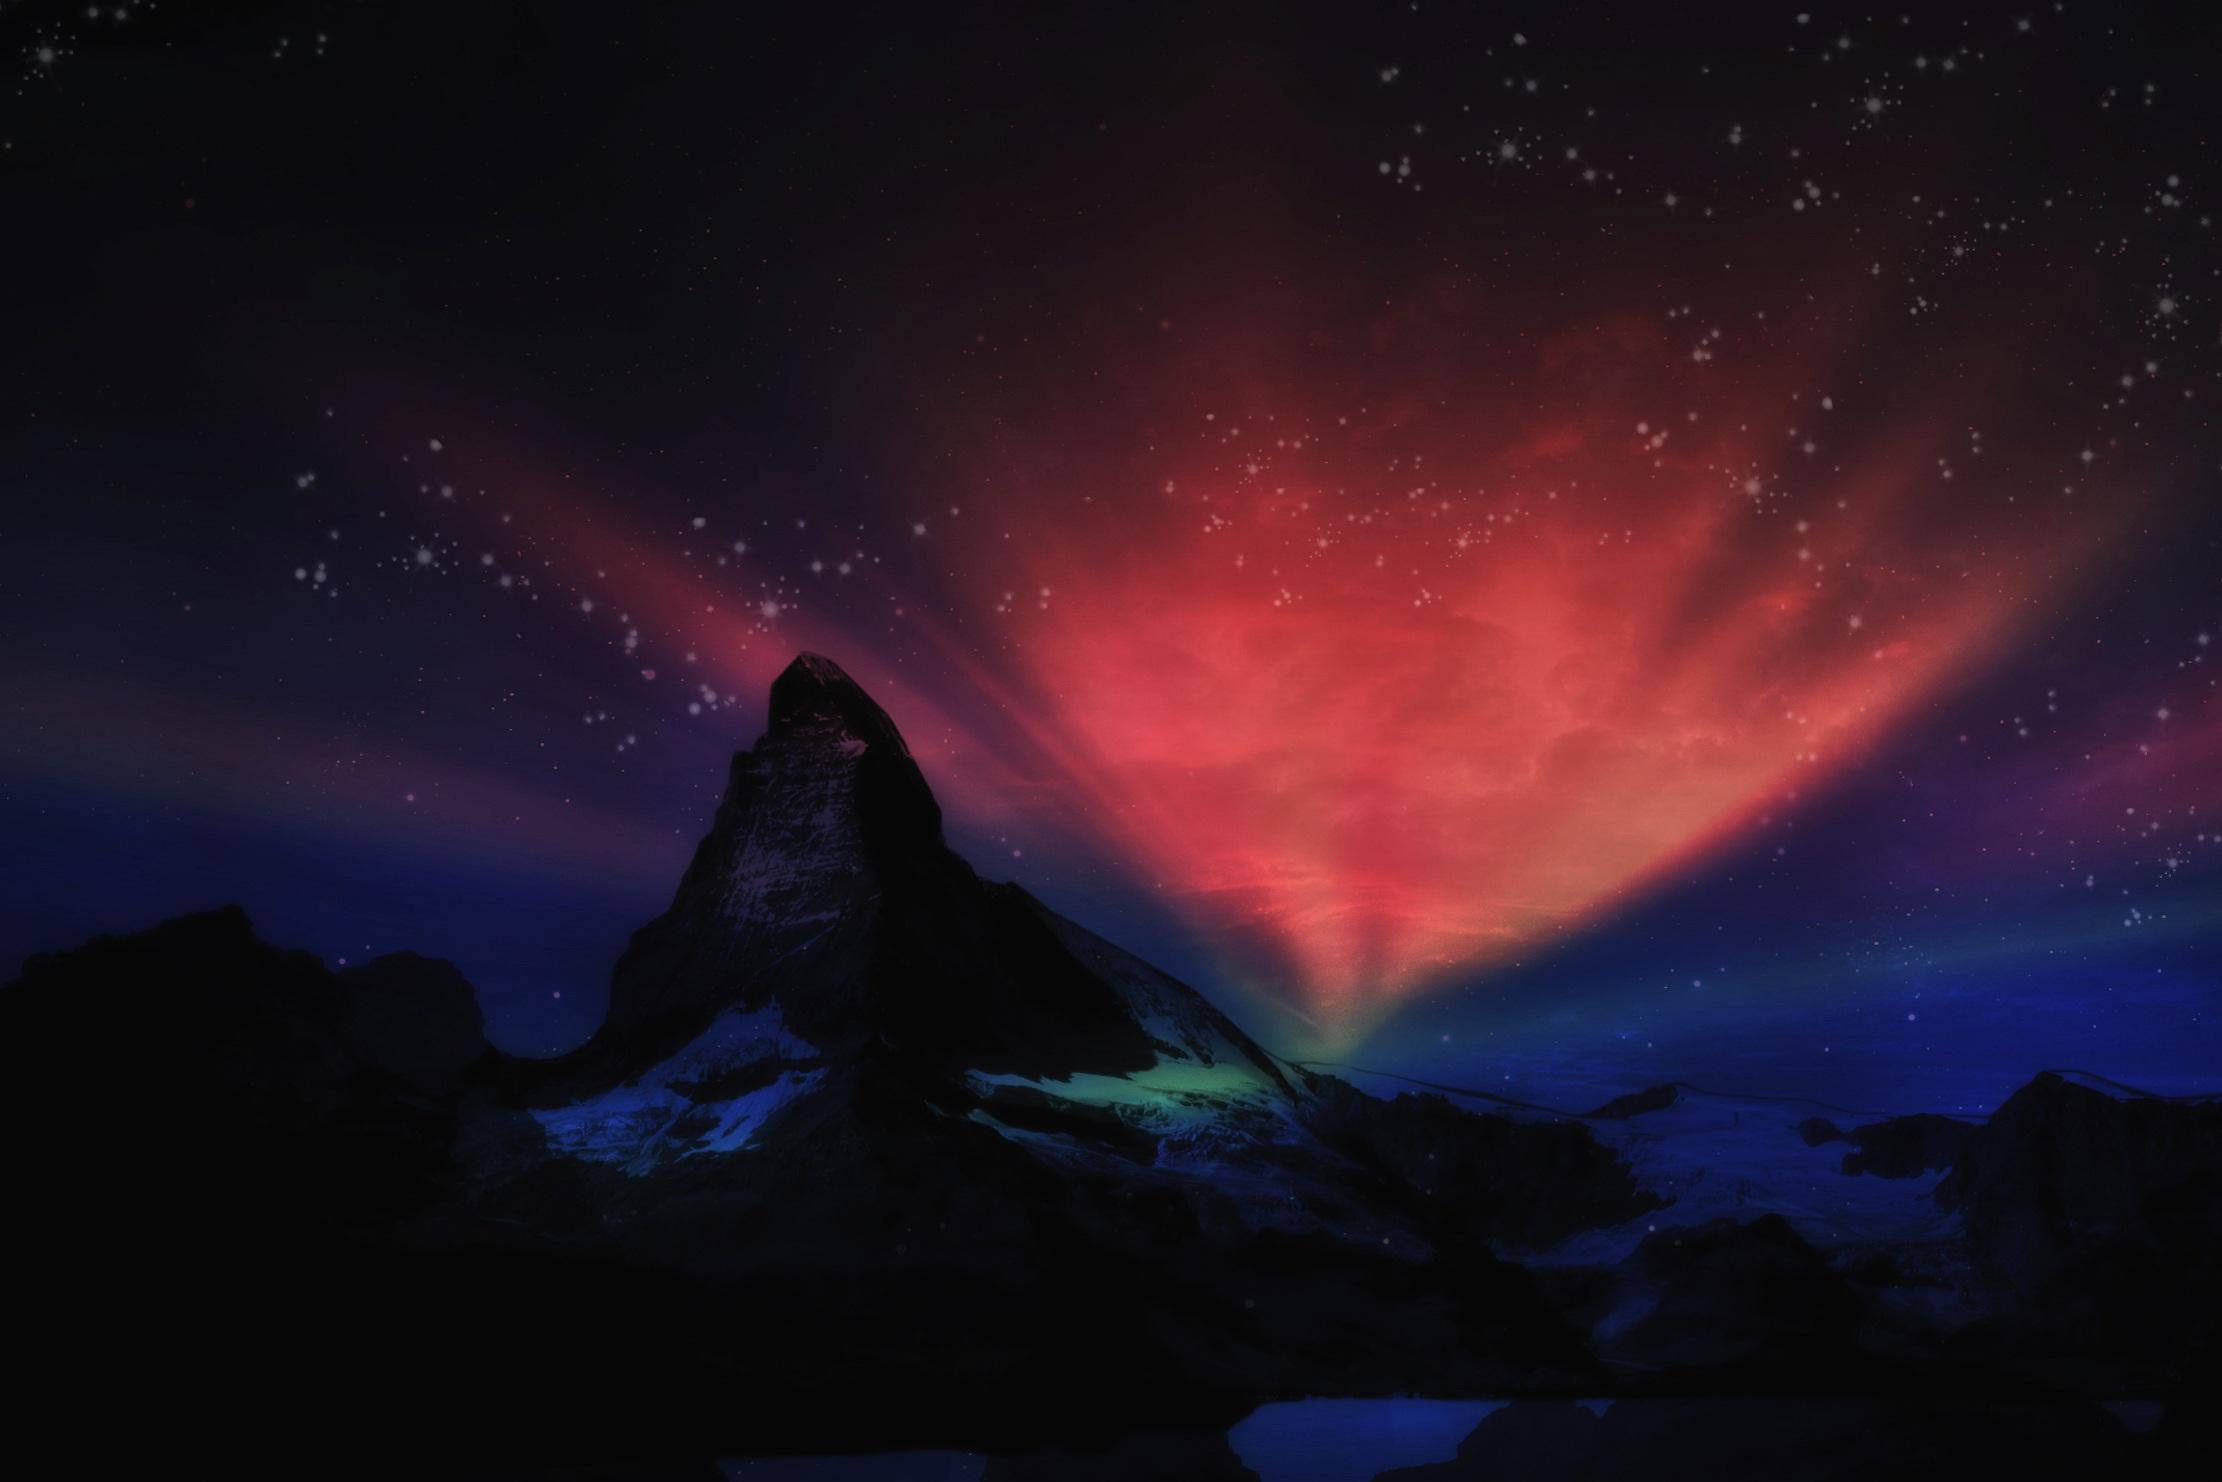 images gratuites paysage montagne embras ciel nuit. Black Bedroom Furniture Sets. Home Design Ideas